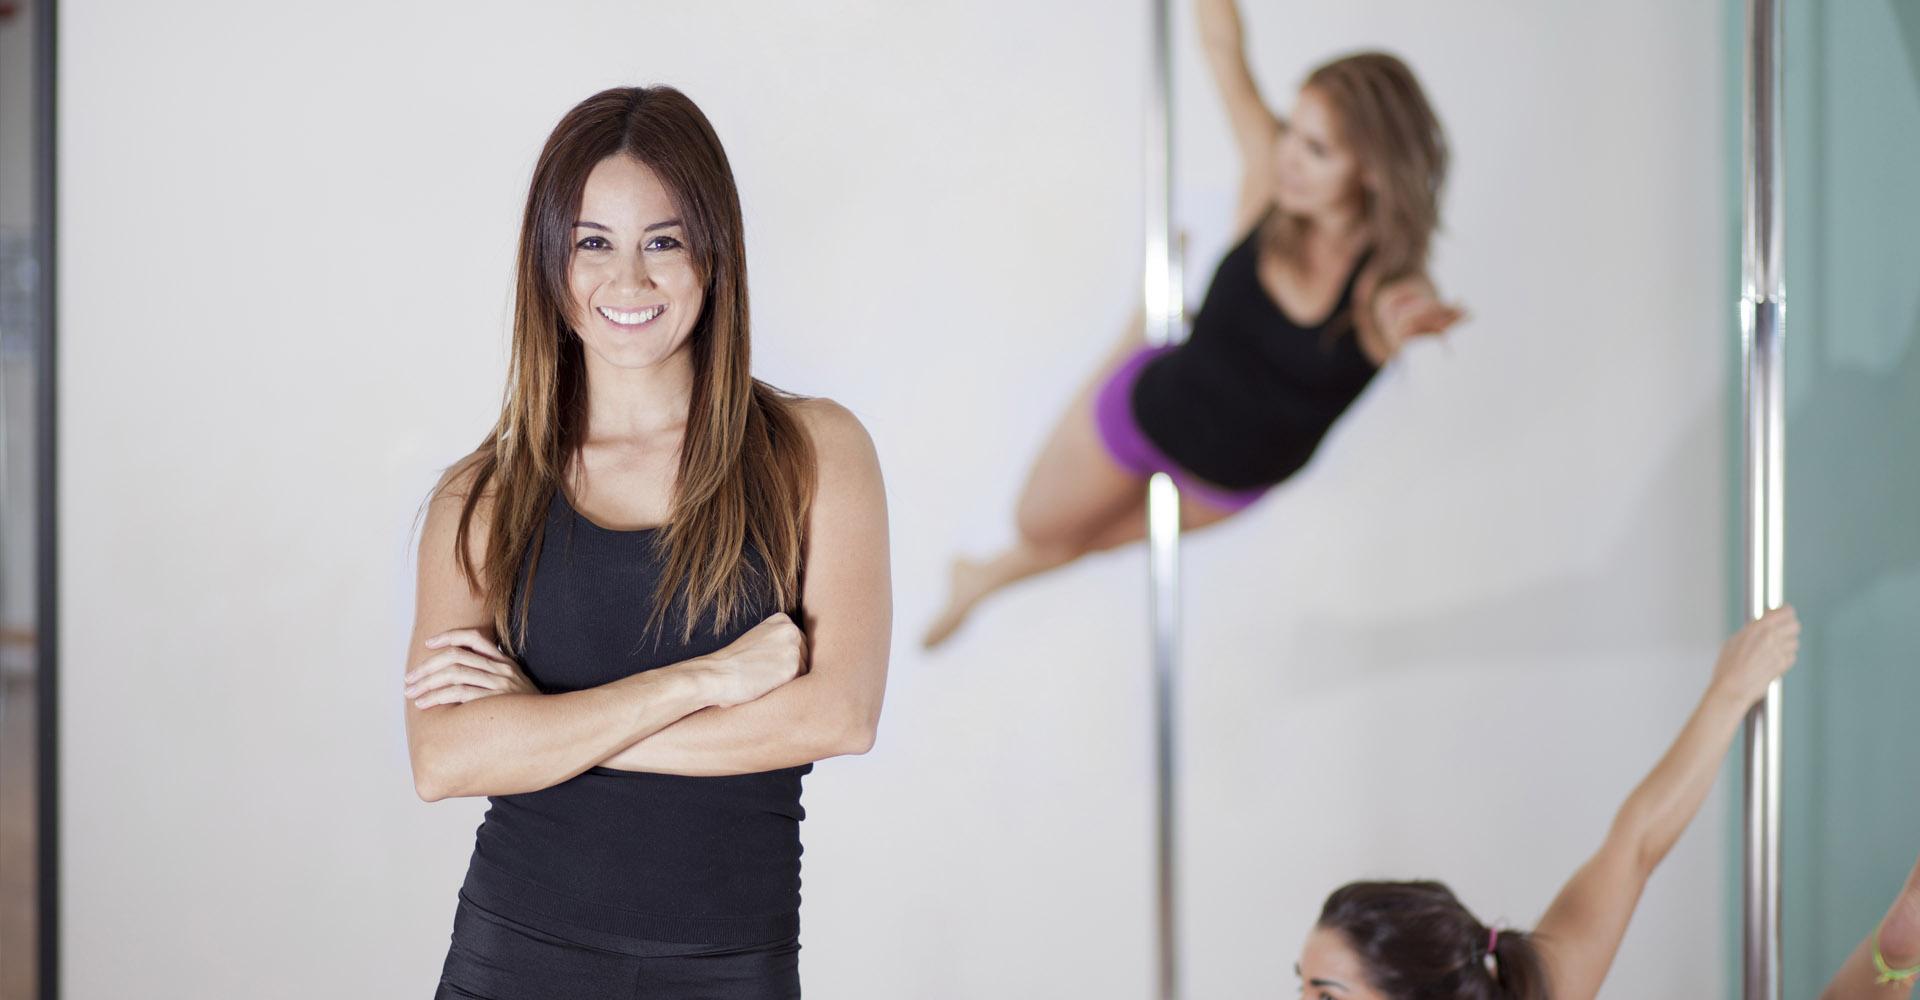 Tanzkurse fr Ladies | Tanzschule Huber | Tanzen auch ohne